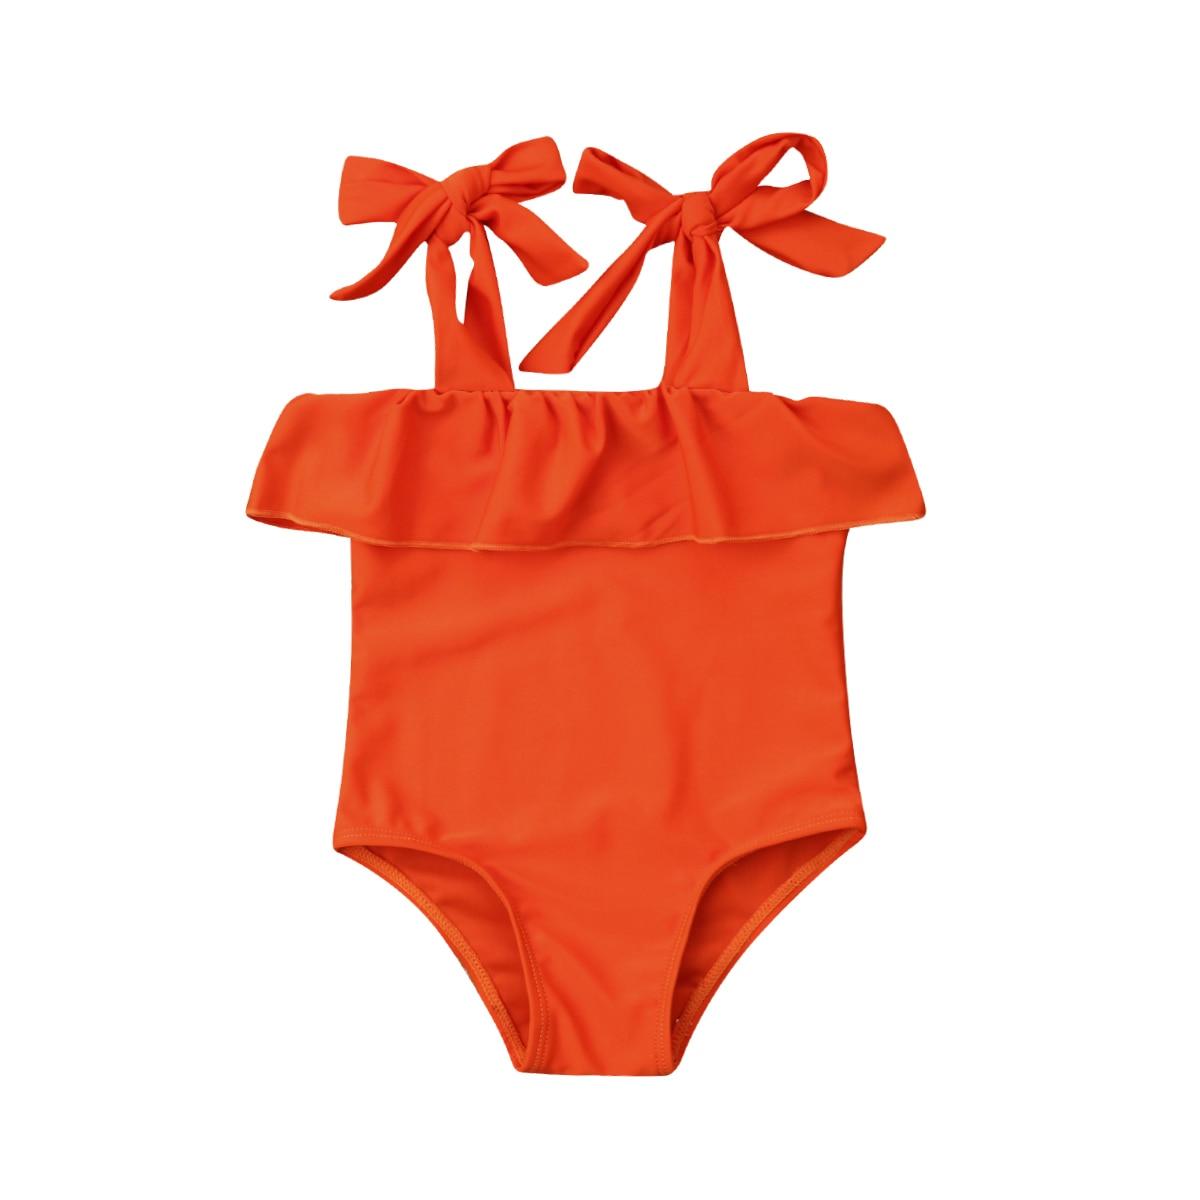 Little Girls Strap One-piece Swimsuit Newborn Kids Baby Girls Off-shoulder Orange Swimwear Swimsuits Beachwear Bathing Suit 0-5T | healthy feet socks